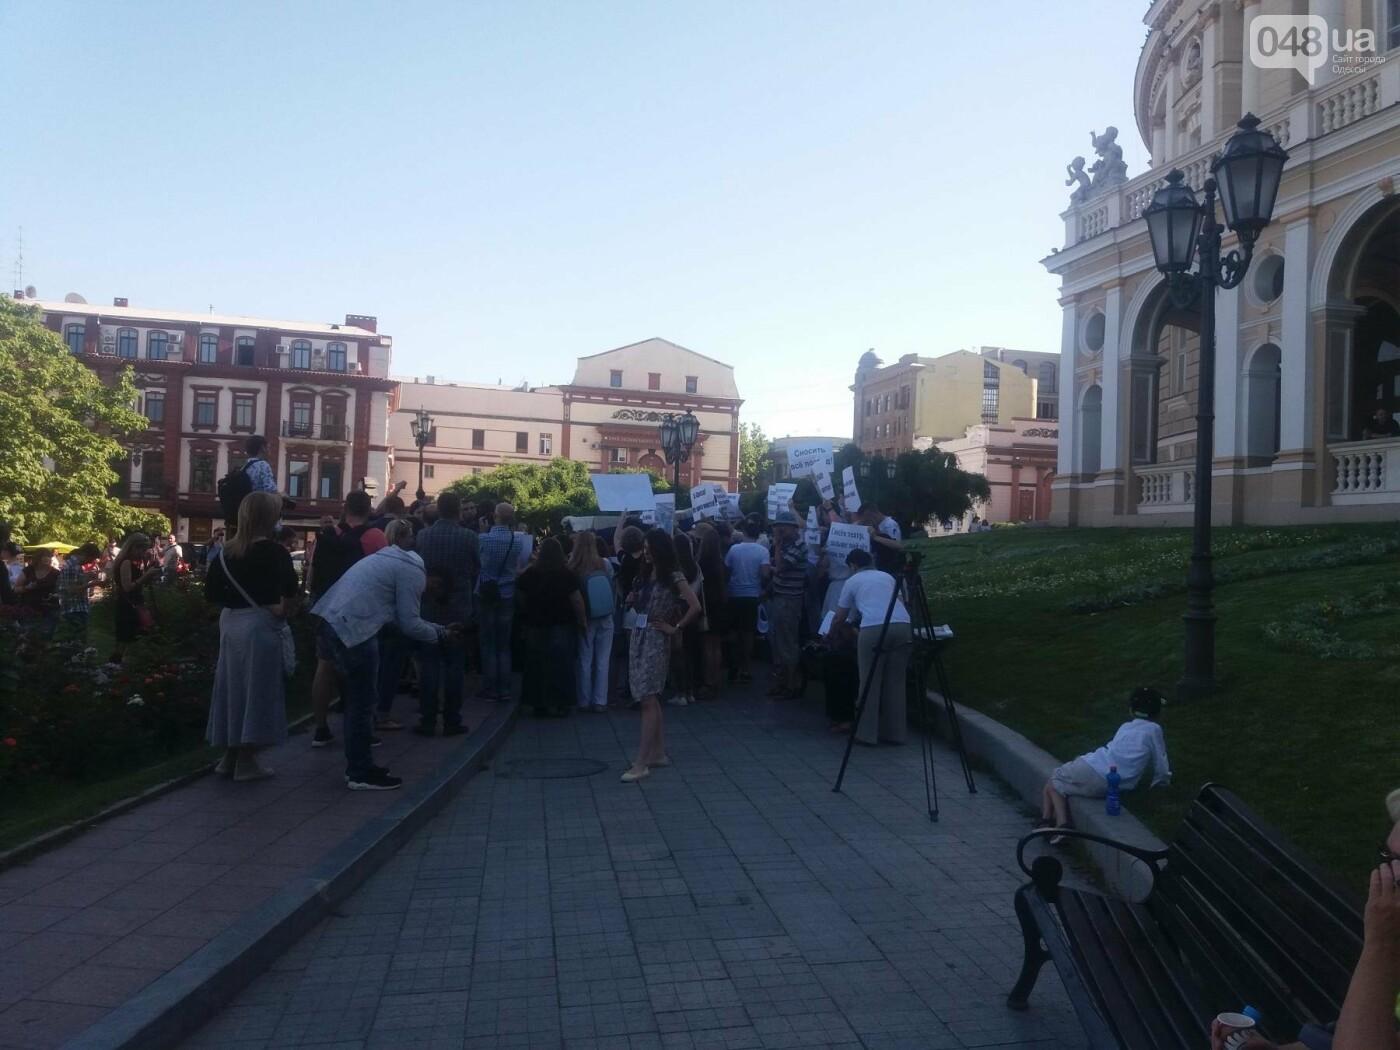 В Одессе требовали снести оперный театр и построить торговый центр, - ФОТО, ВИДЕО, фото-9